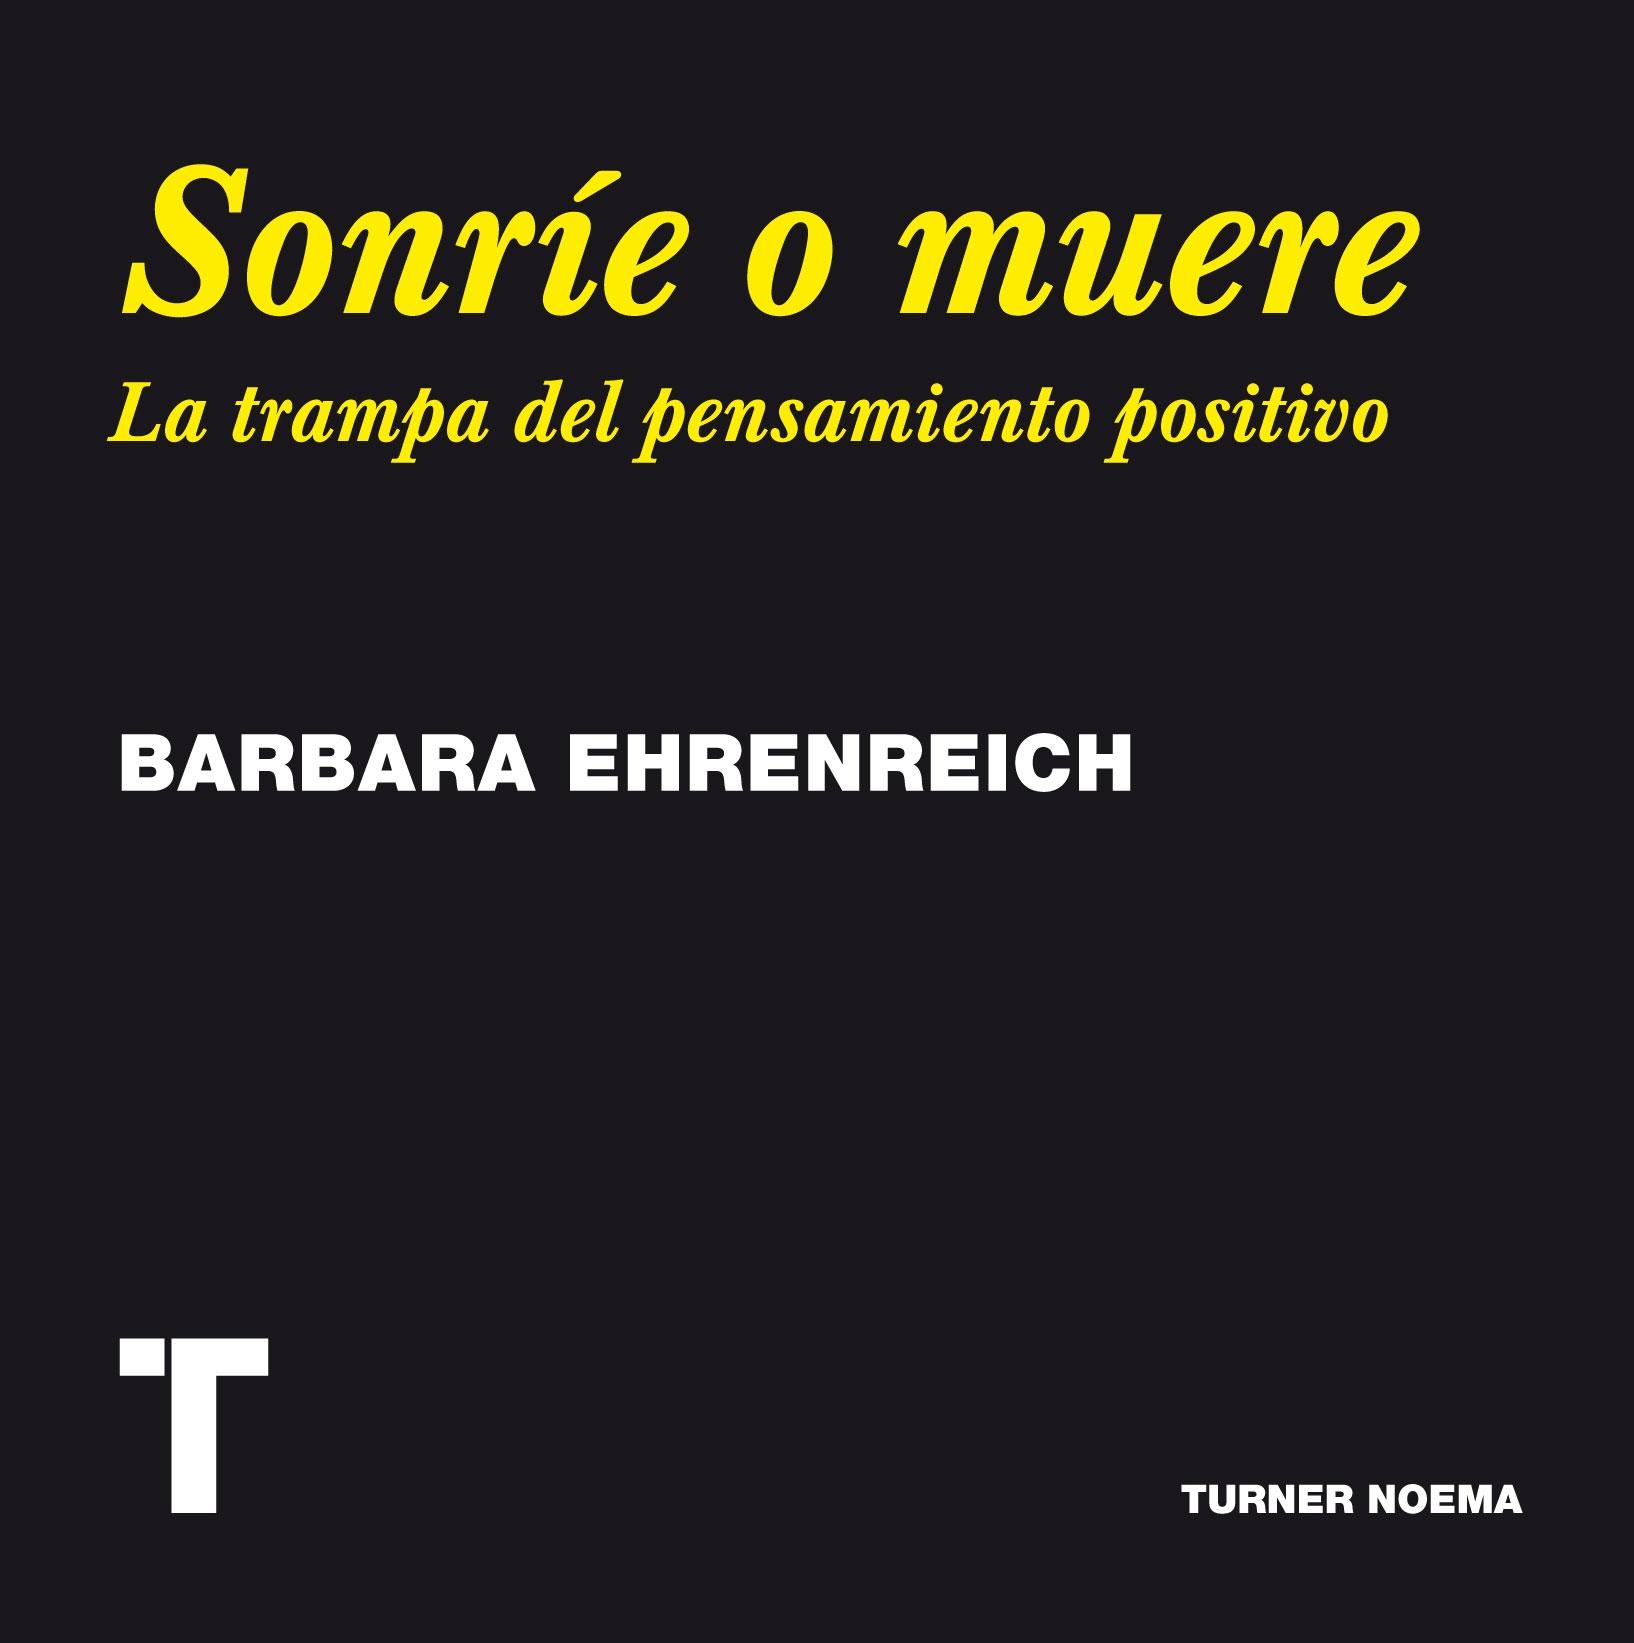 Sonríe o muere - Barbara Ehrenreich